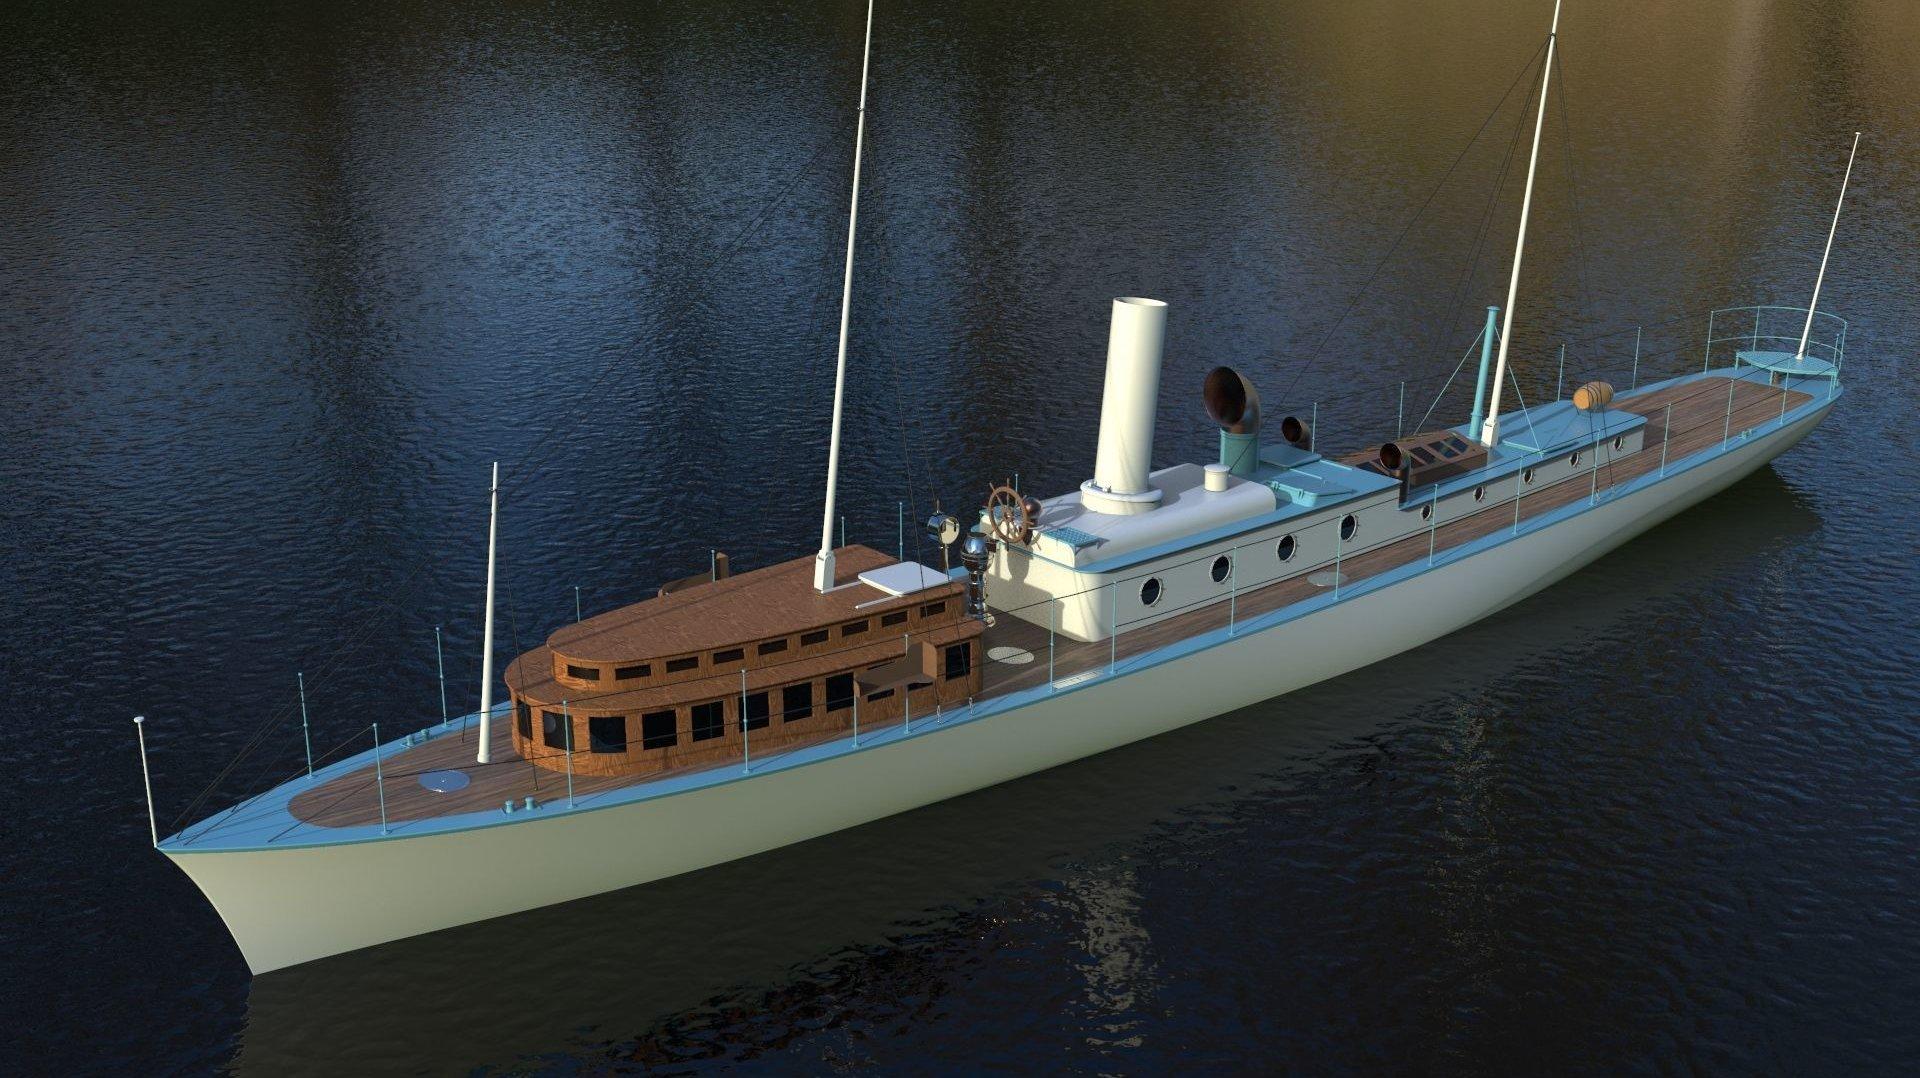 Il manque 550 000 francs pour que La Peccadille ressemble à cet élégant navire.